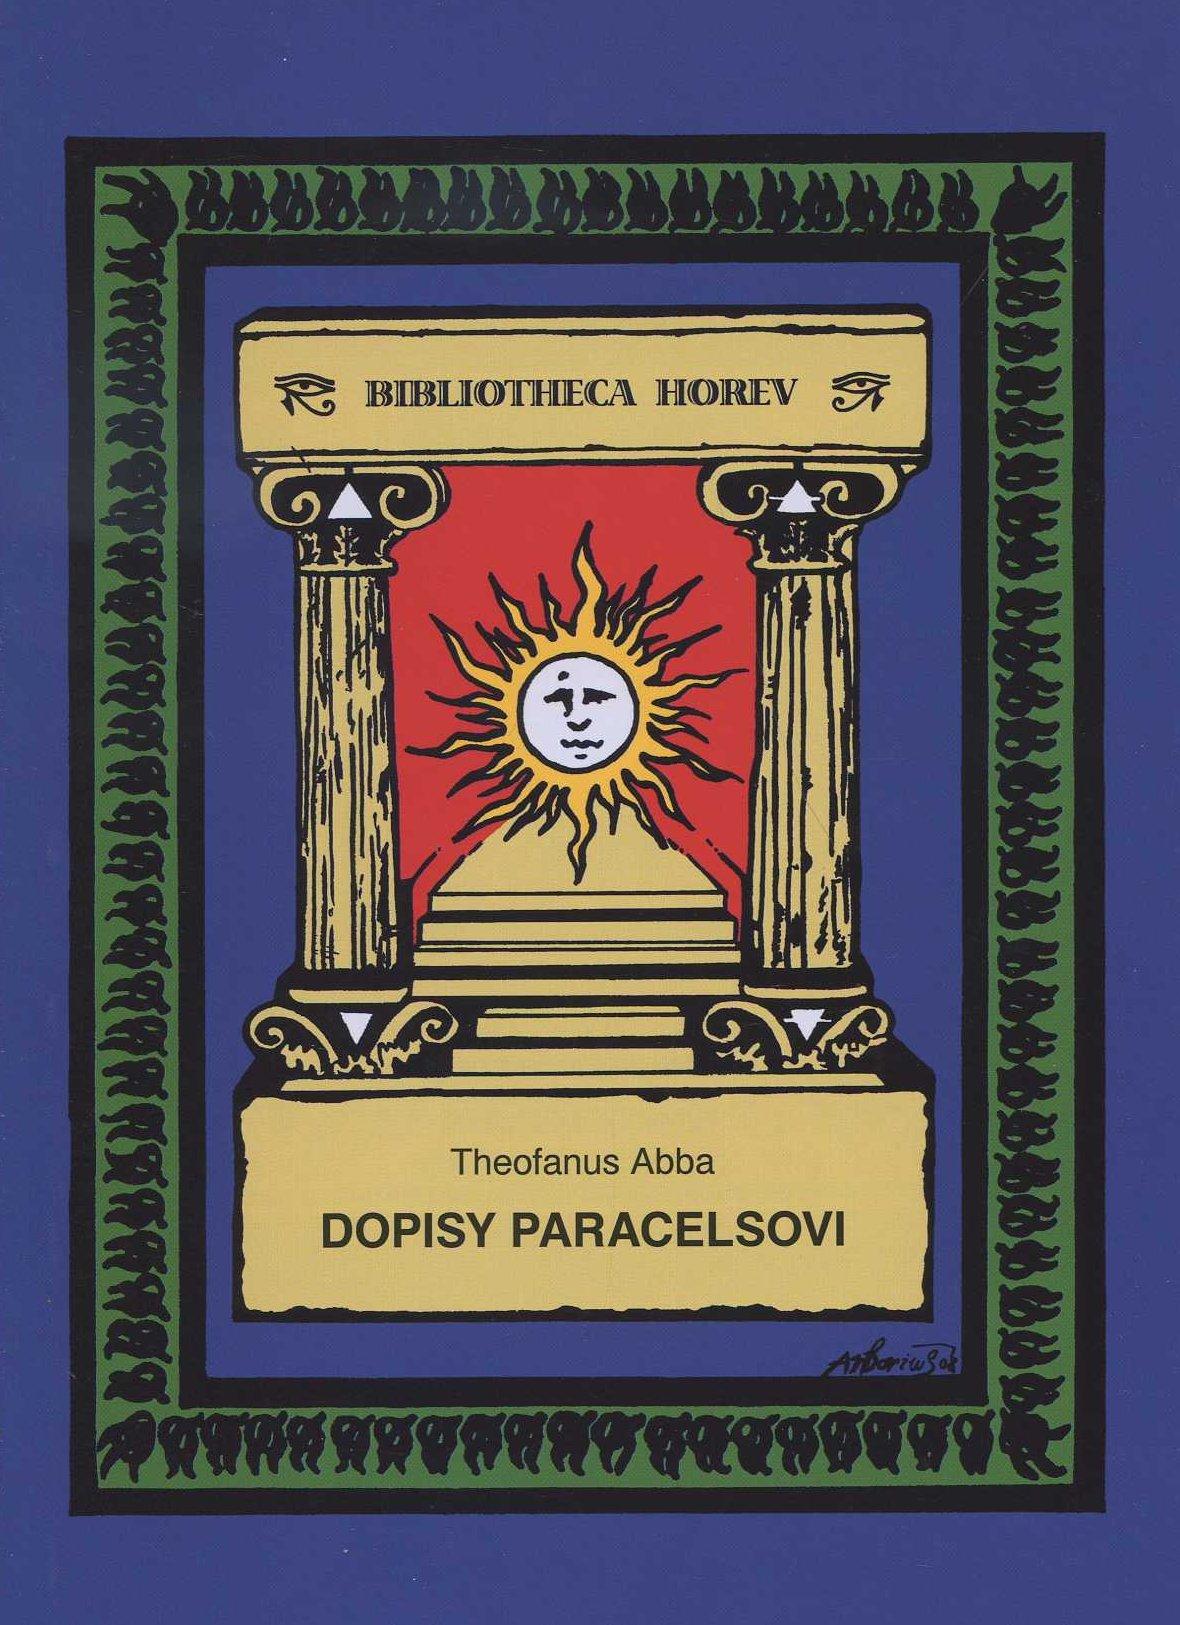 Dopisy Paracelsovi